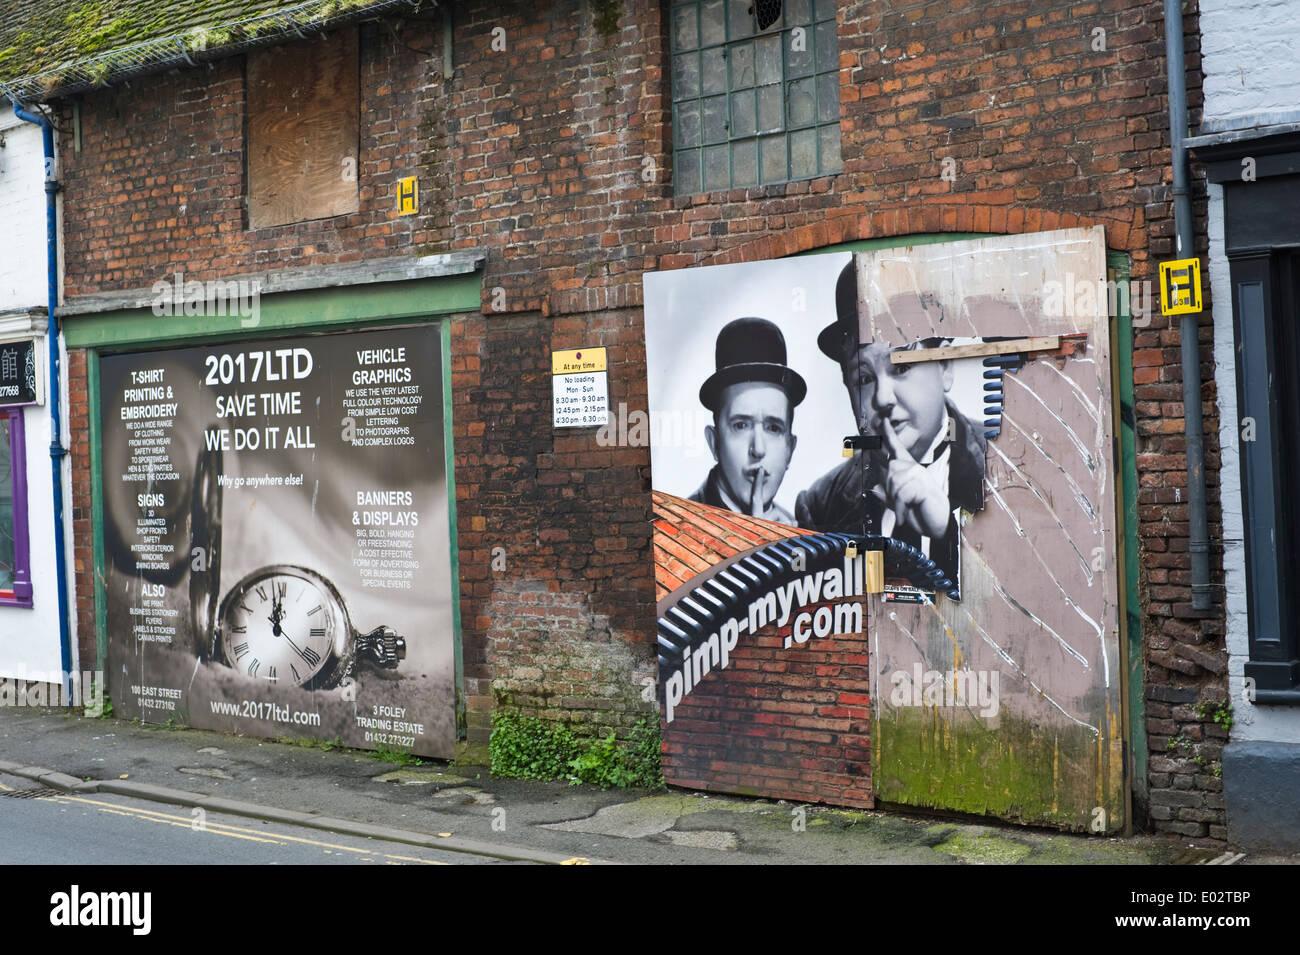 Versuch, verfallene Gebäude mit Plakat Grafiken in Hereford Herefordshire England UK zu verbessern Stockbild